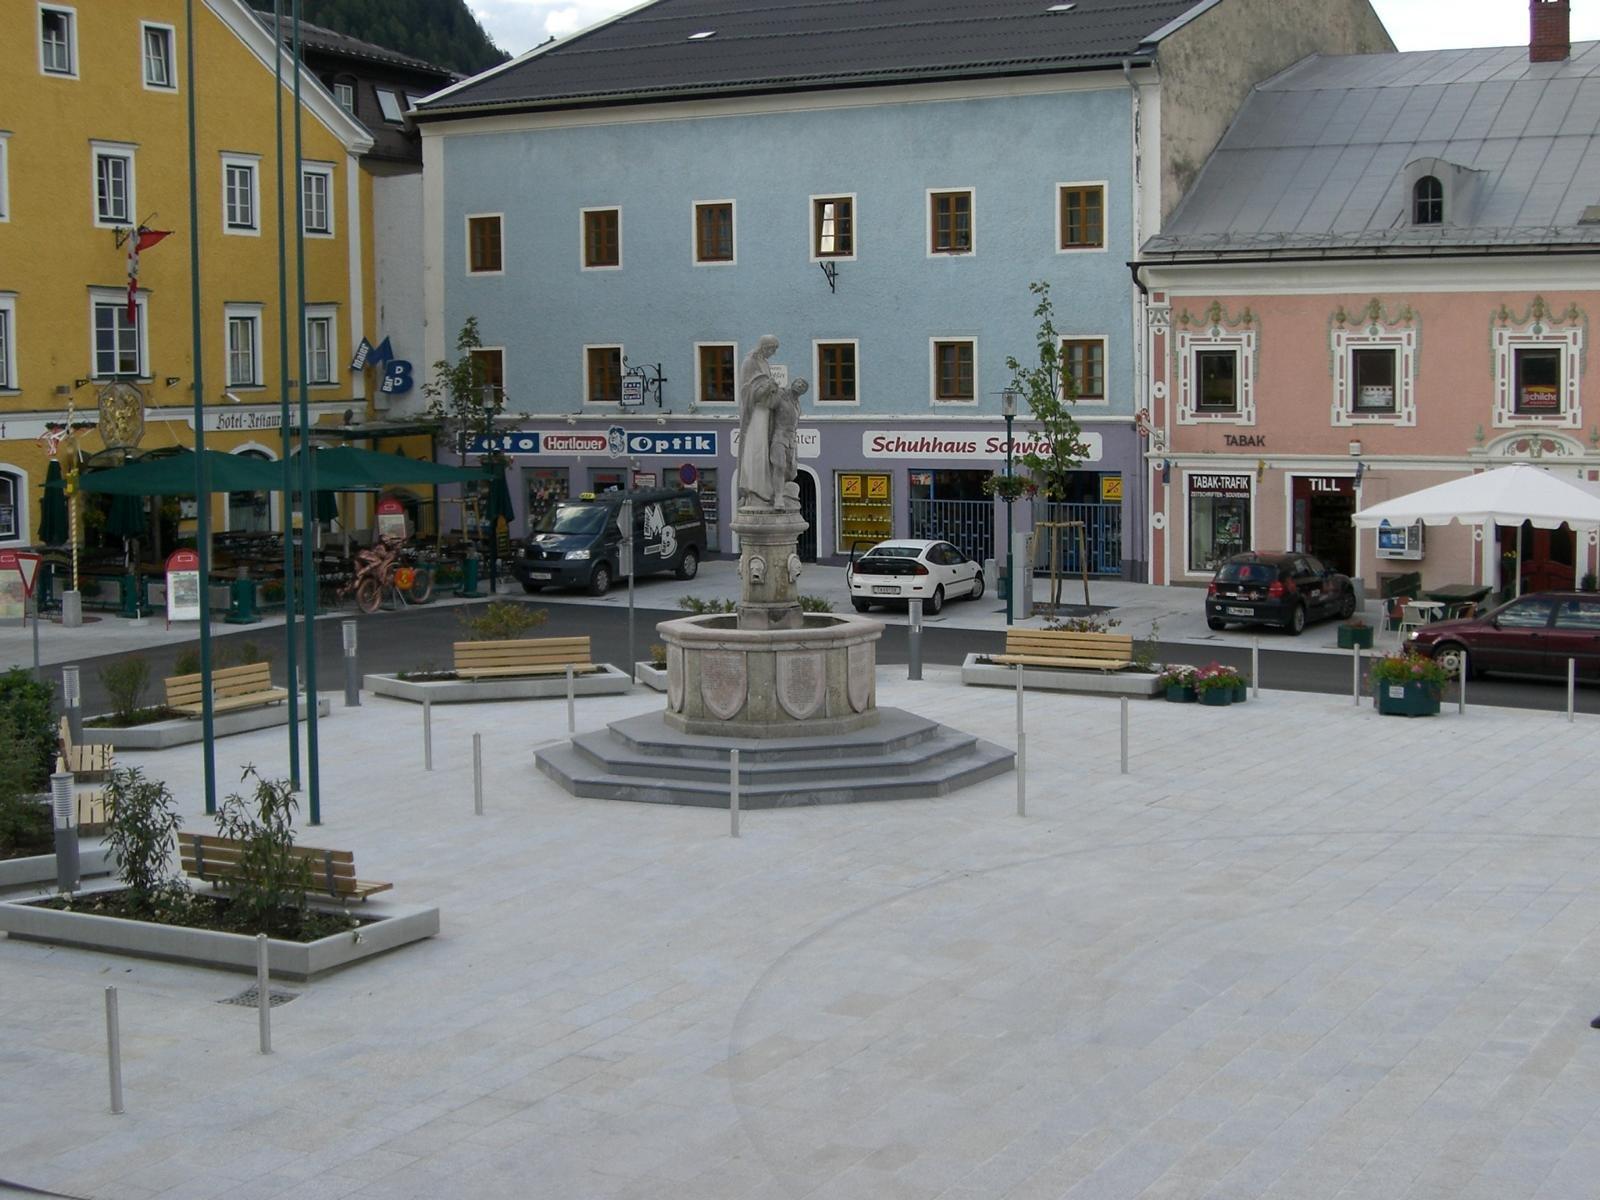 Tamsweg - Marktplatz3